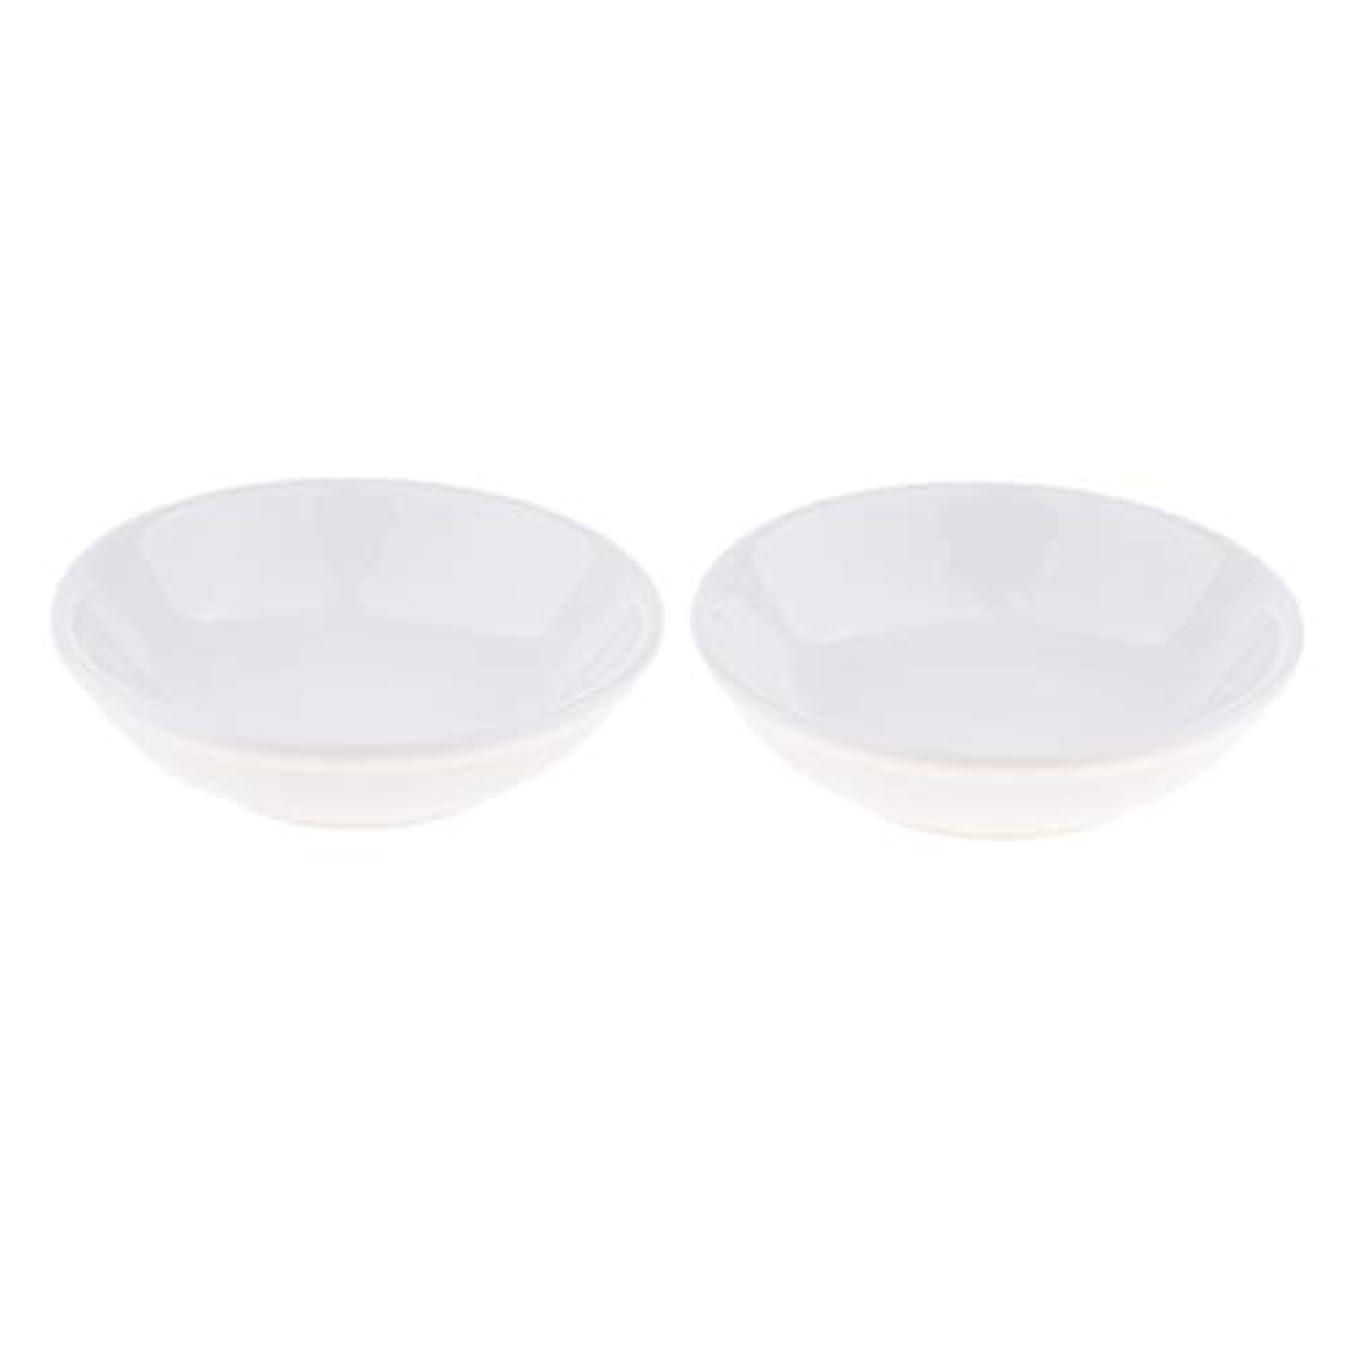 女将フェザー作りF Fityle 2個 交換用ディッシュ 皿 取り替え皿 セラミック 円形 オイルウォーマー 白